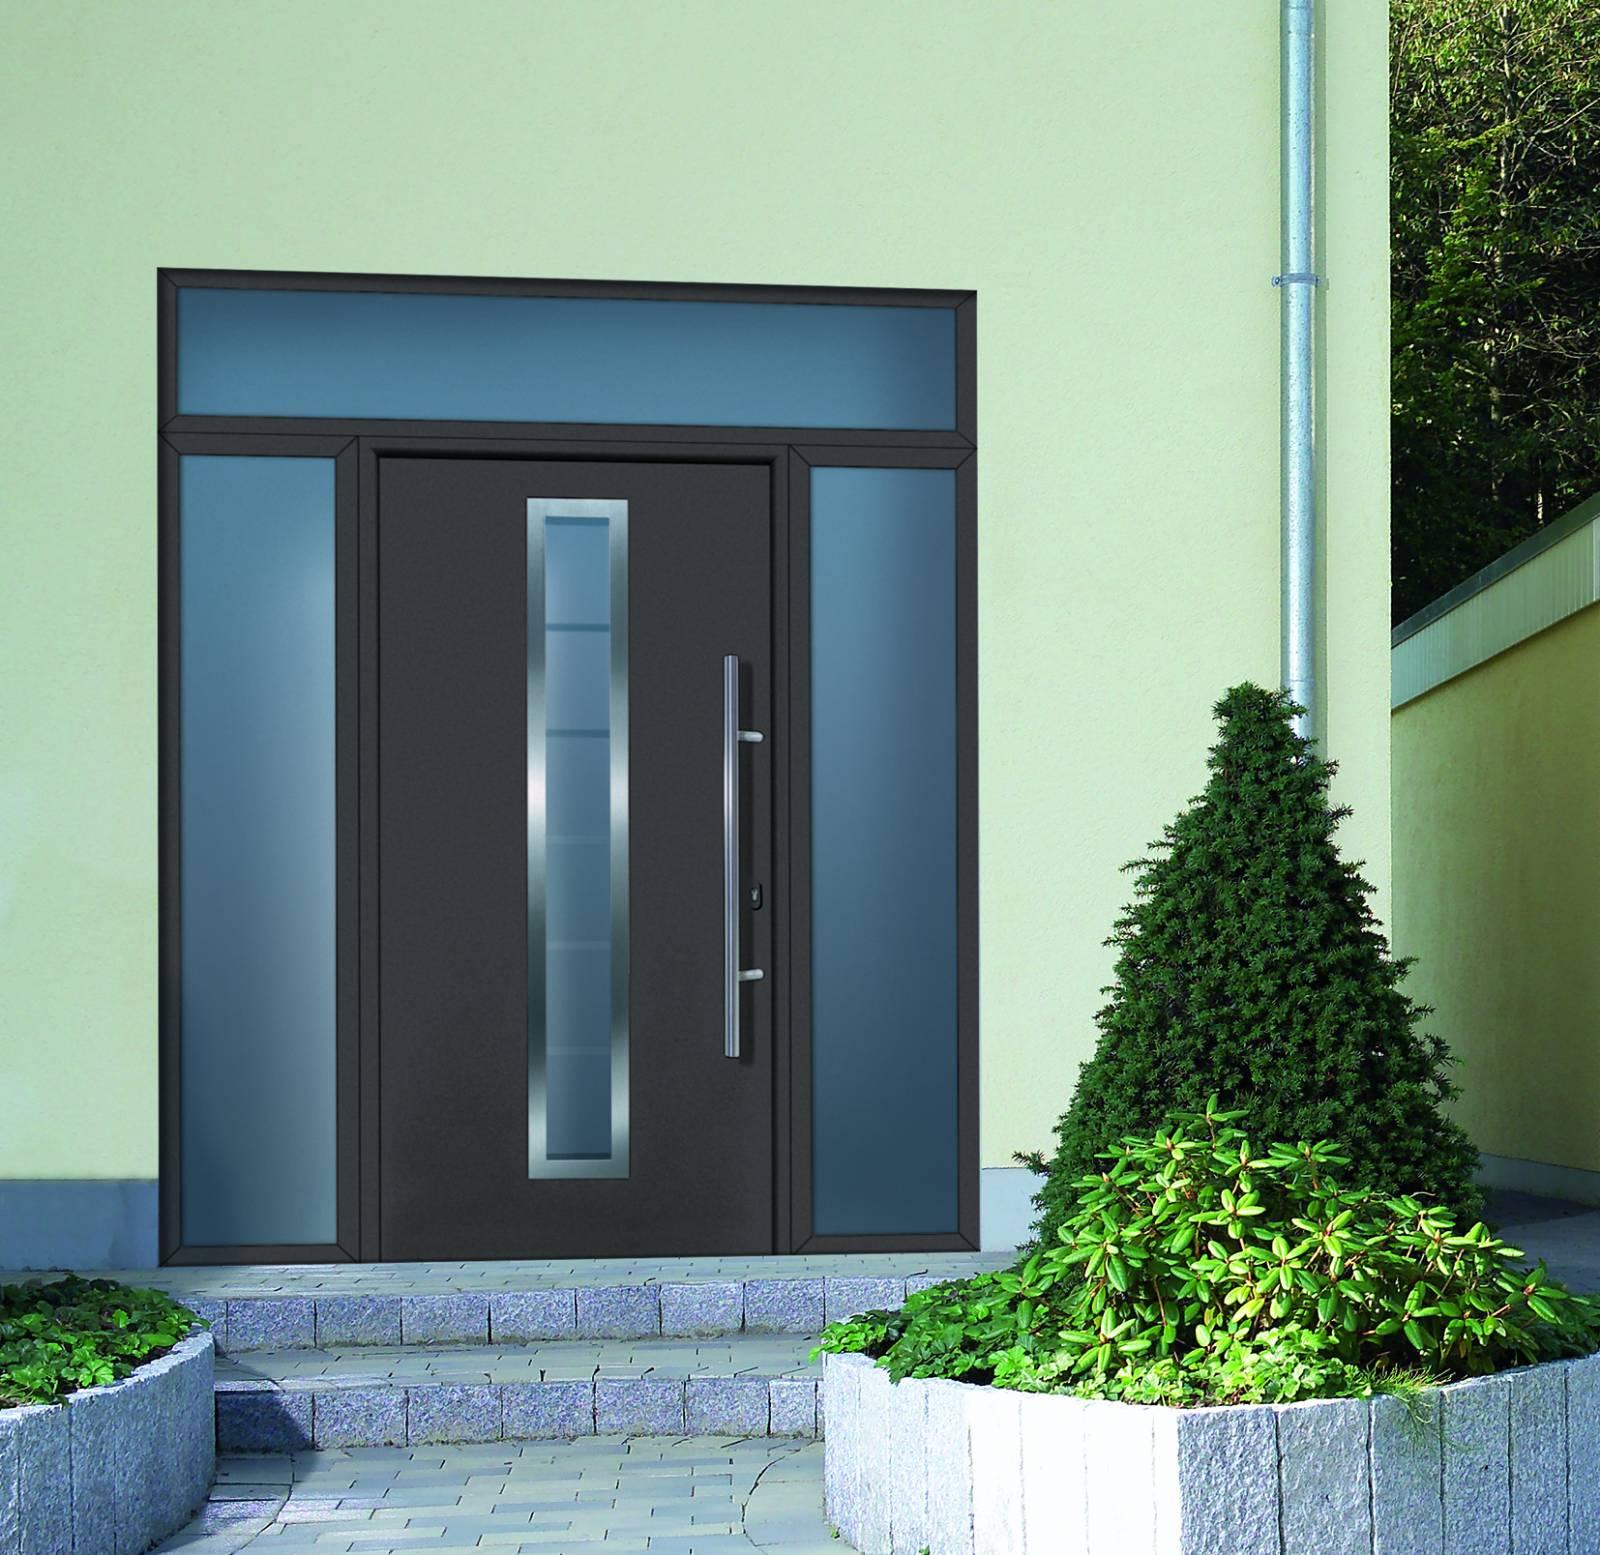 portes d 39 entr e acier thermopro h rmann sur vitrolles vente pose et r novation de portes d. Black Bedroom Furniture Sets. Home Design Ideas